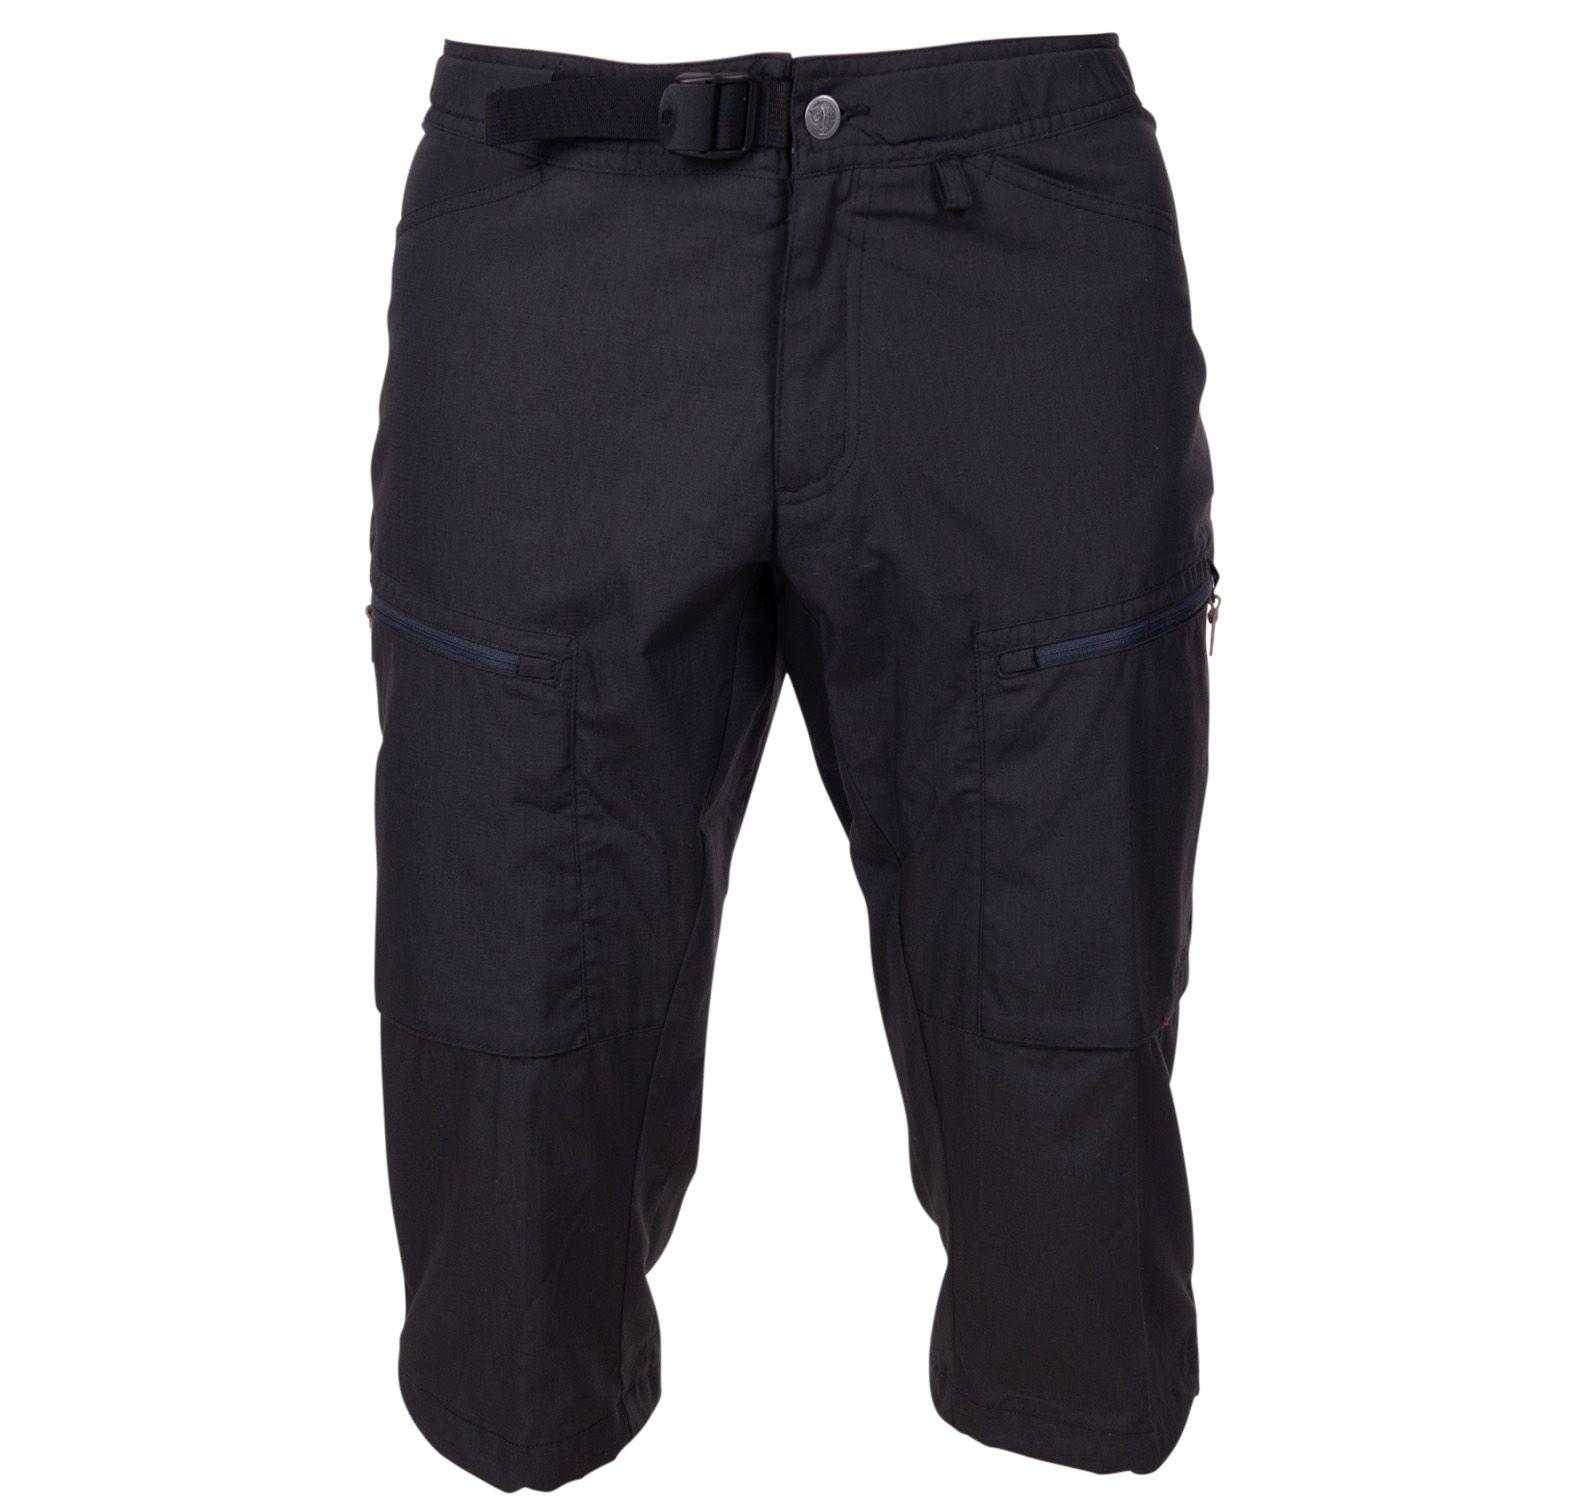 abisko shade shorts m, dark grey, 46,  byxor och shorts